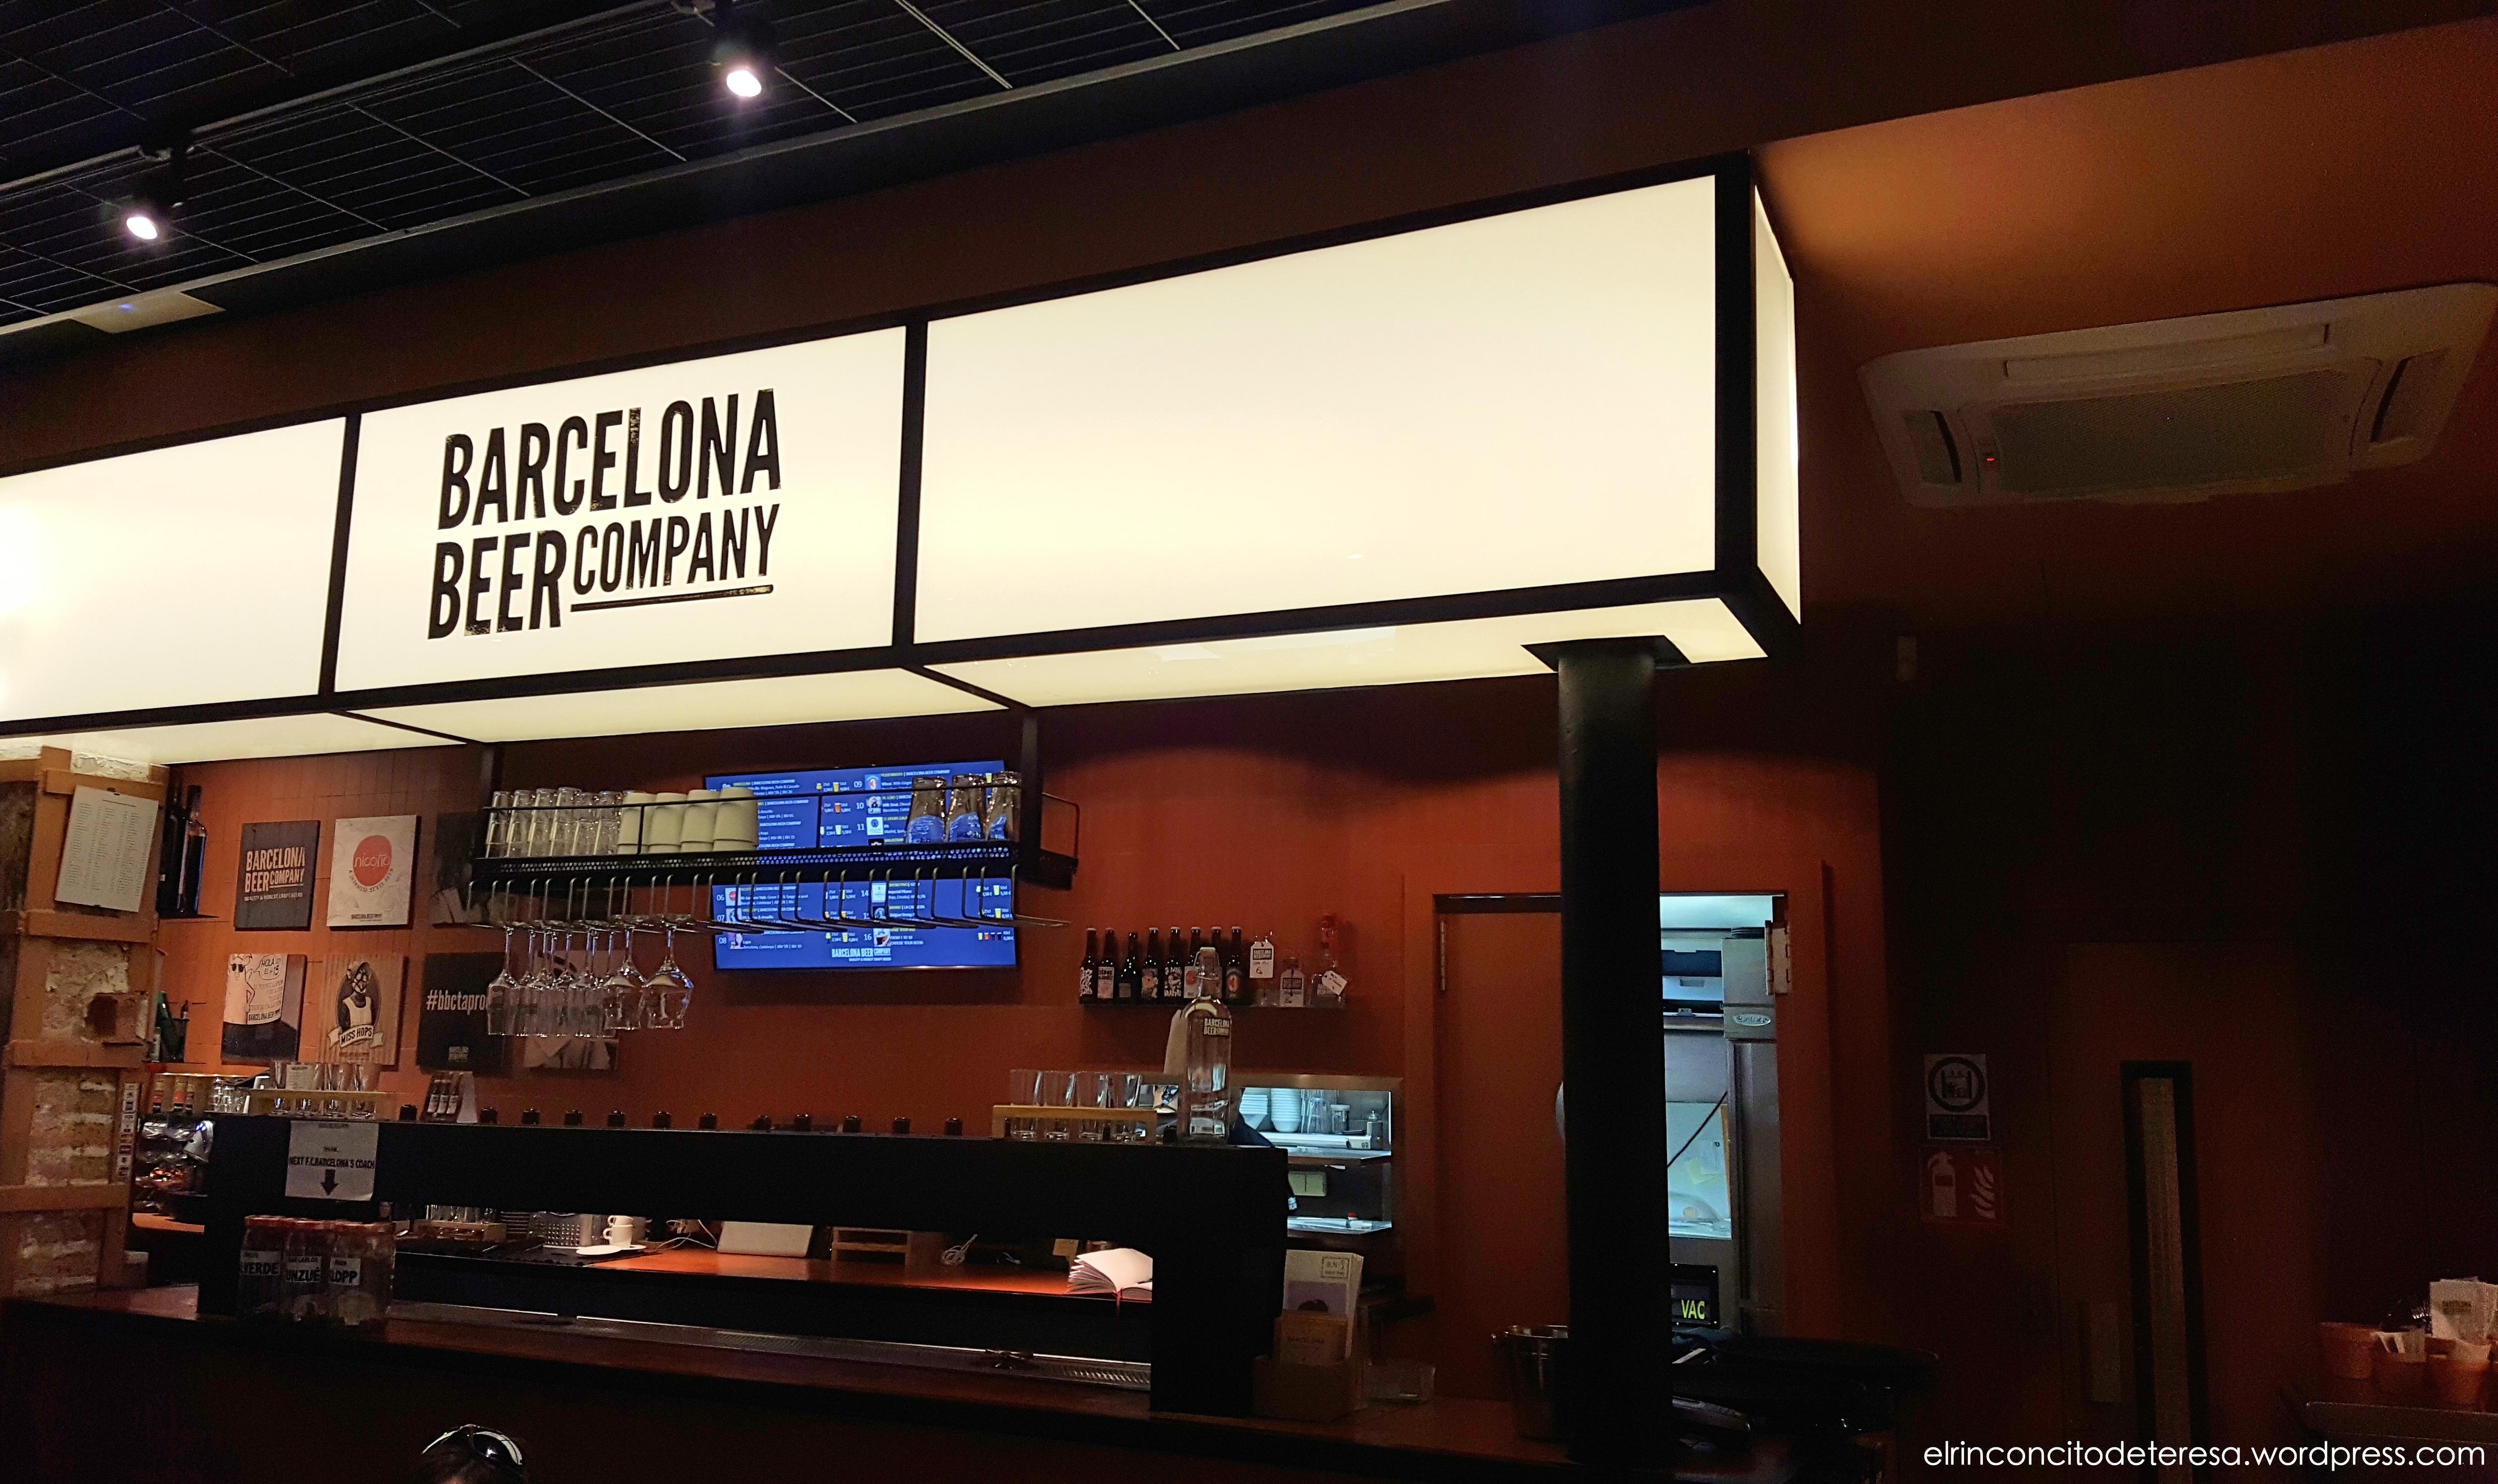 barcelona-beer-company-barra